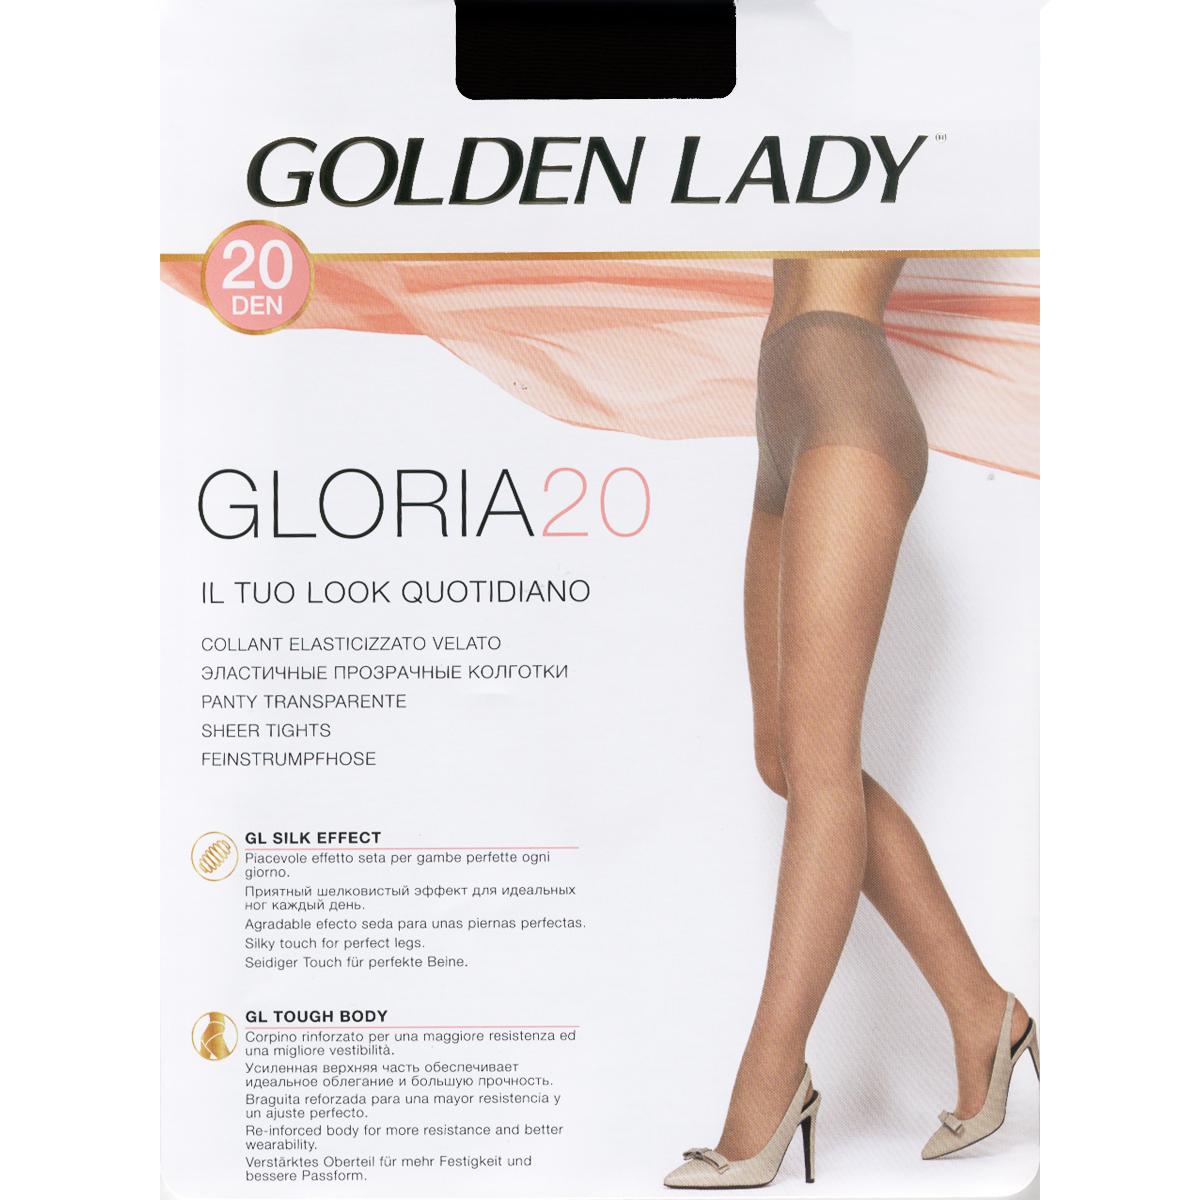 calze velate senza cuciture GOLDEN LADY 15 denari